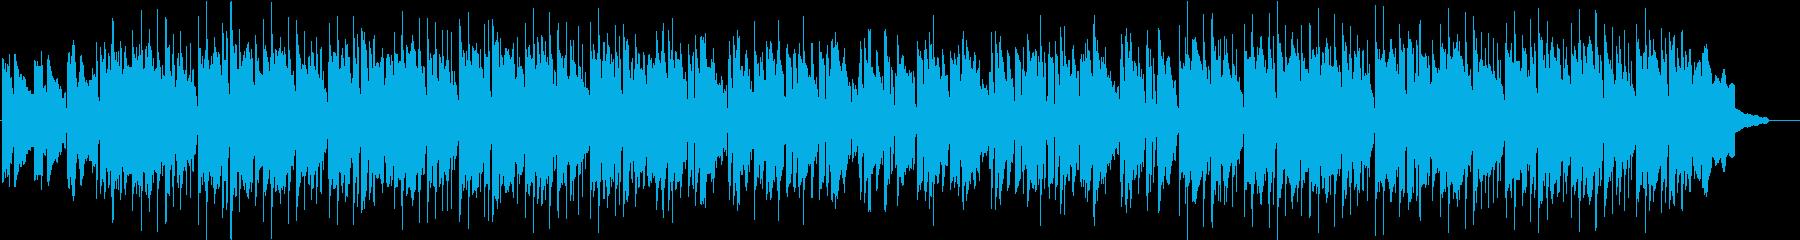 アンビエントでおしゃれなループ系チルの再生済みの波形